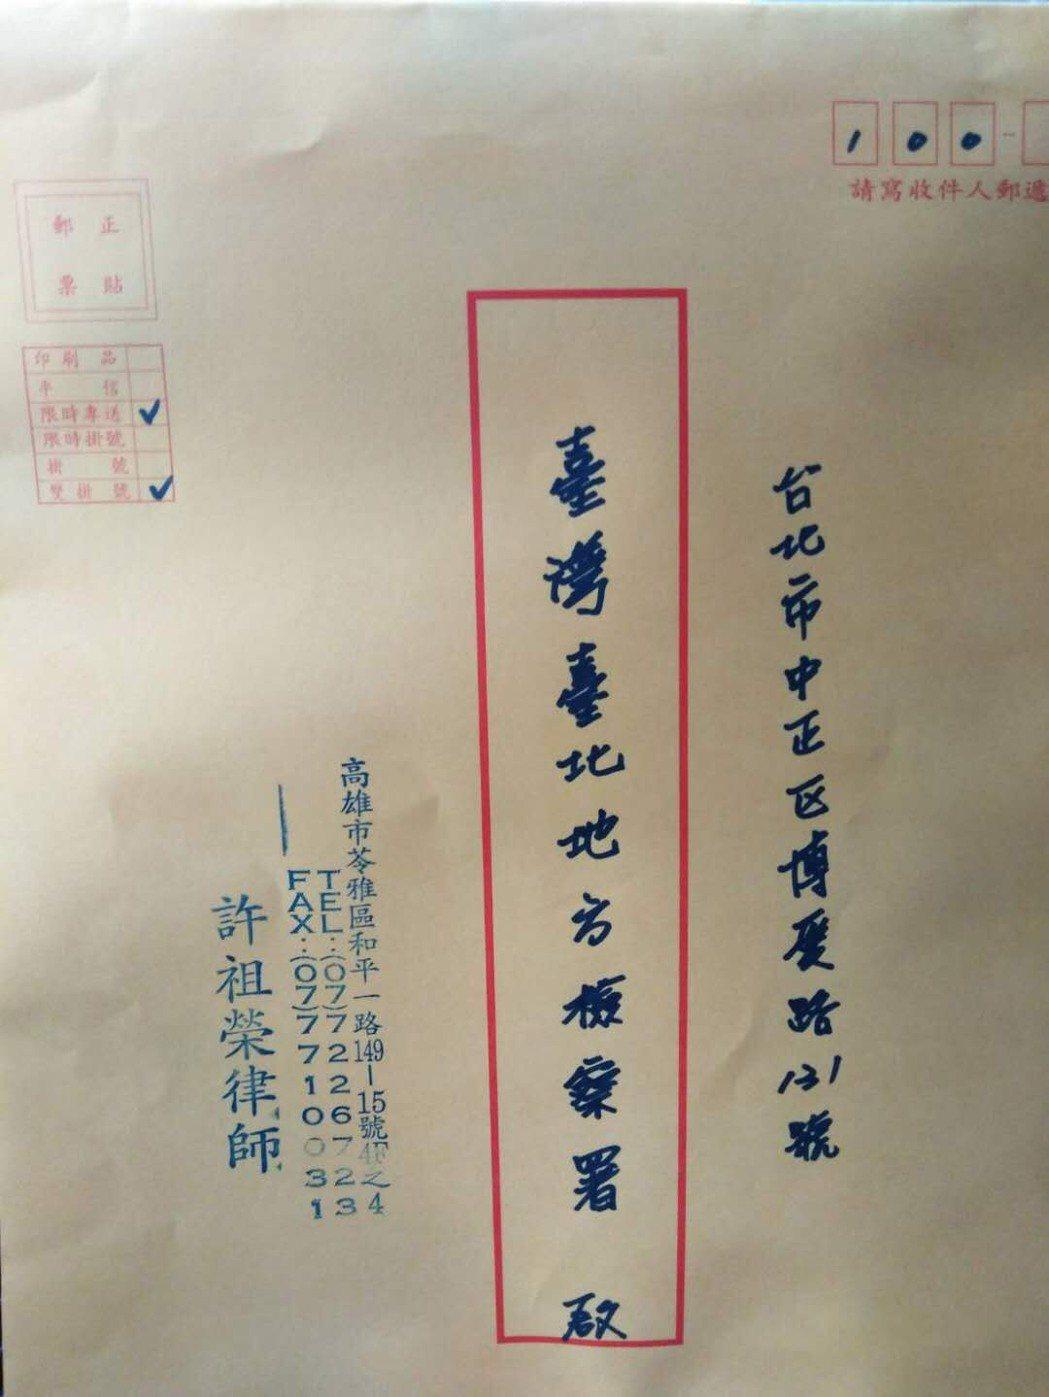 賴弘國已委任律師向不實網路言論提告。圖/賴弘國提供